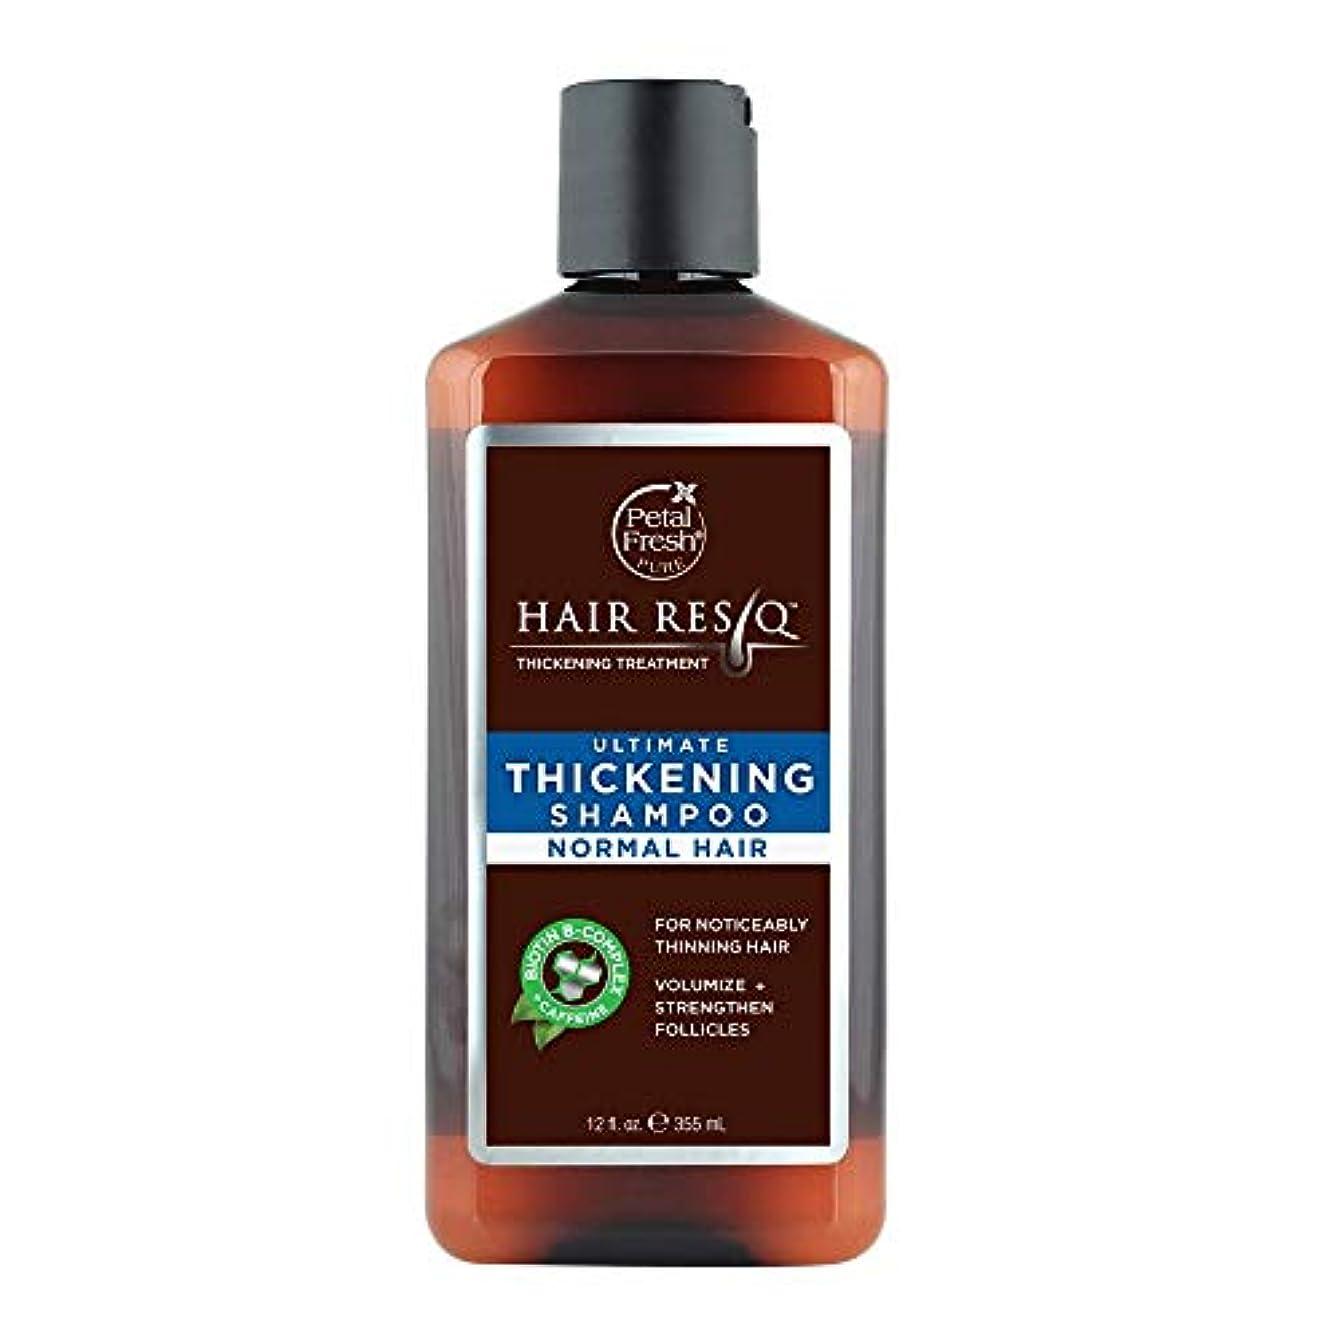 噛むさておきムスPetal Fresh ペタルフレッシュ ピュア 強く太く健康的な髪する シャンプー 12 fl oz (355 ml) [並行輸入品]